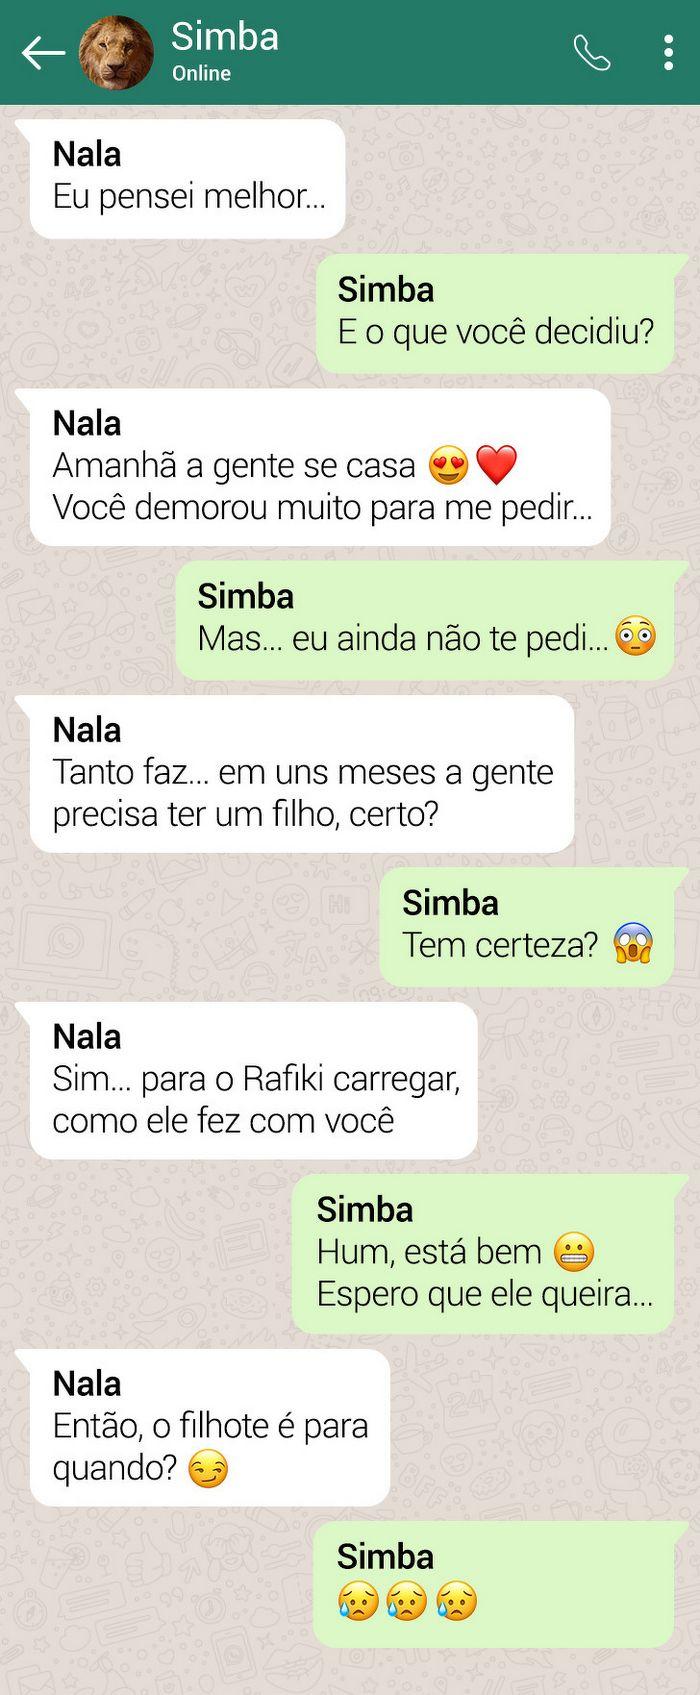 15 conversas dos personagens do Rei Leão pelo WhatsApp 6